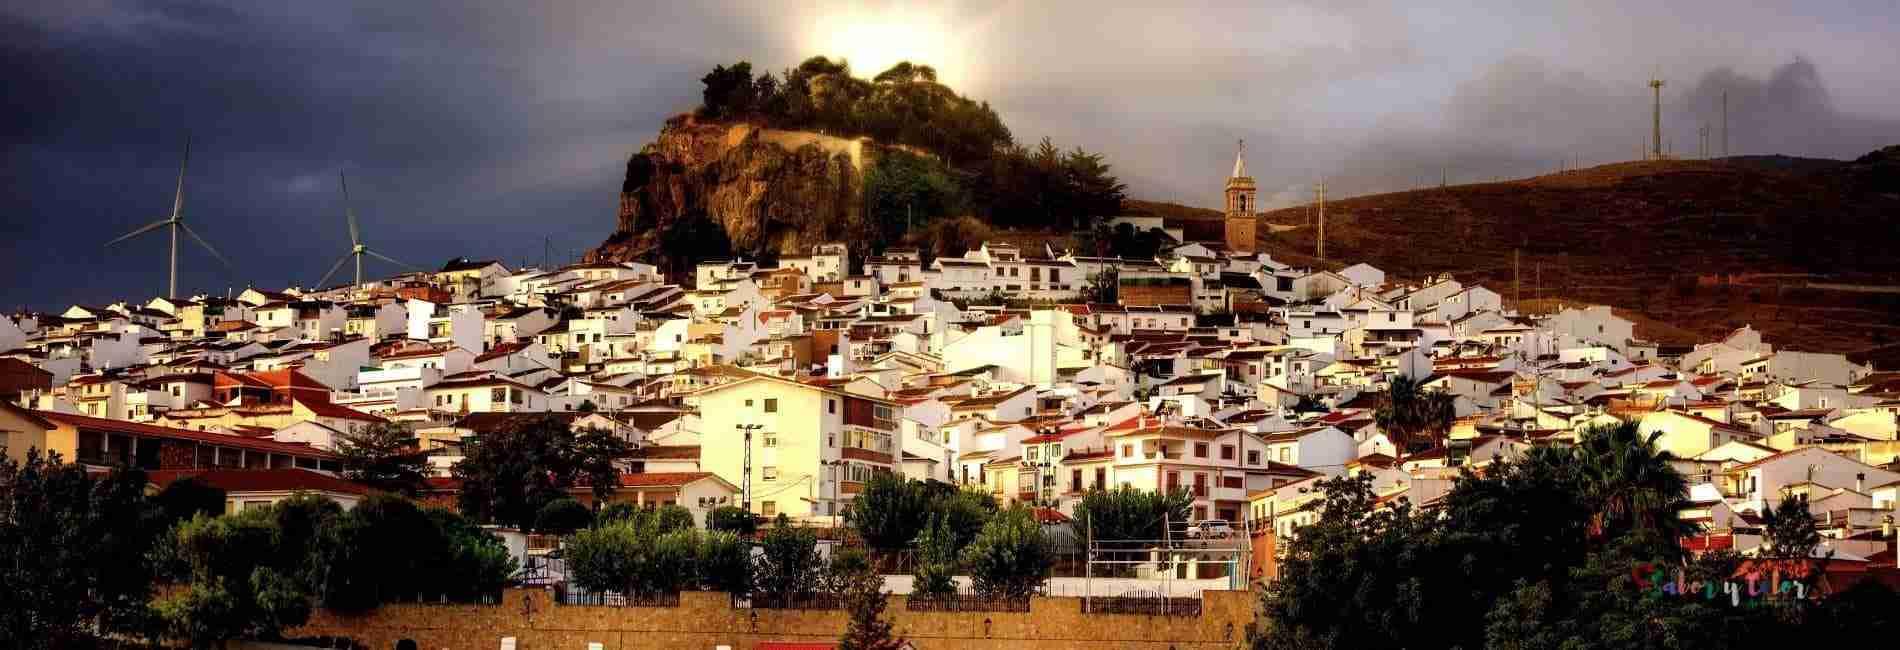 Bobastro. Ardales. Malaga. Andalucia